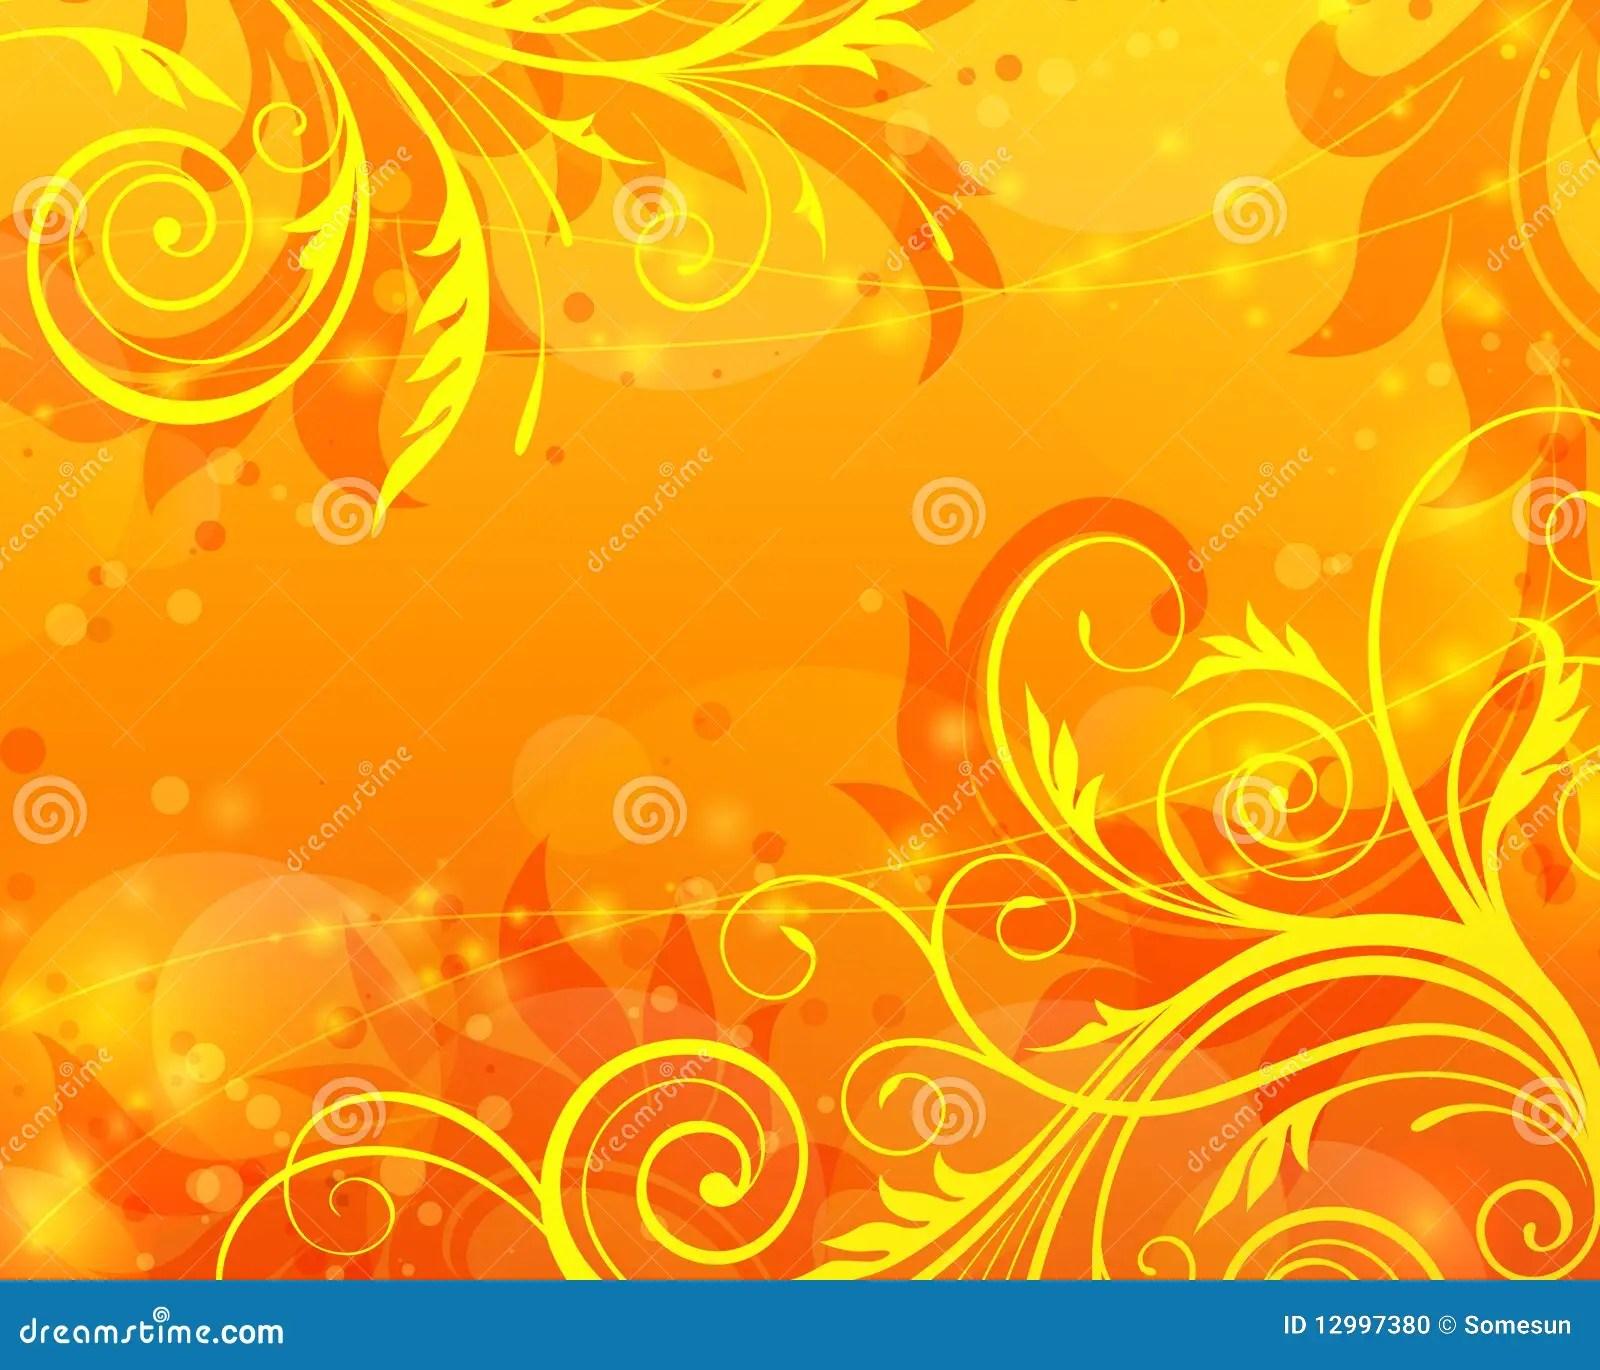 Orange Color Wallpaper Hd Fond Orange Floral De Vecteur Illustration De Vecteur